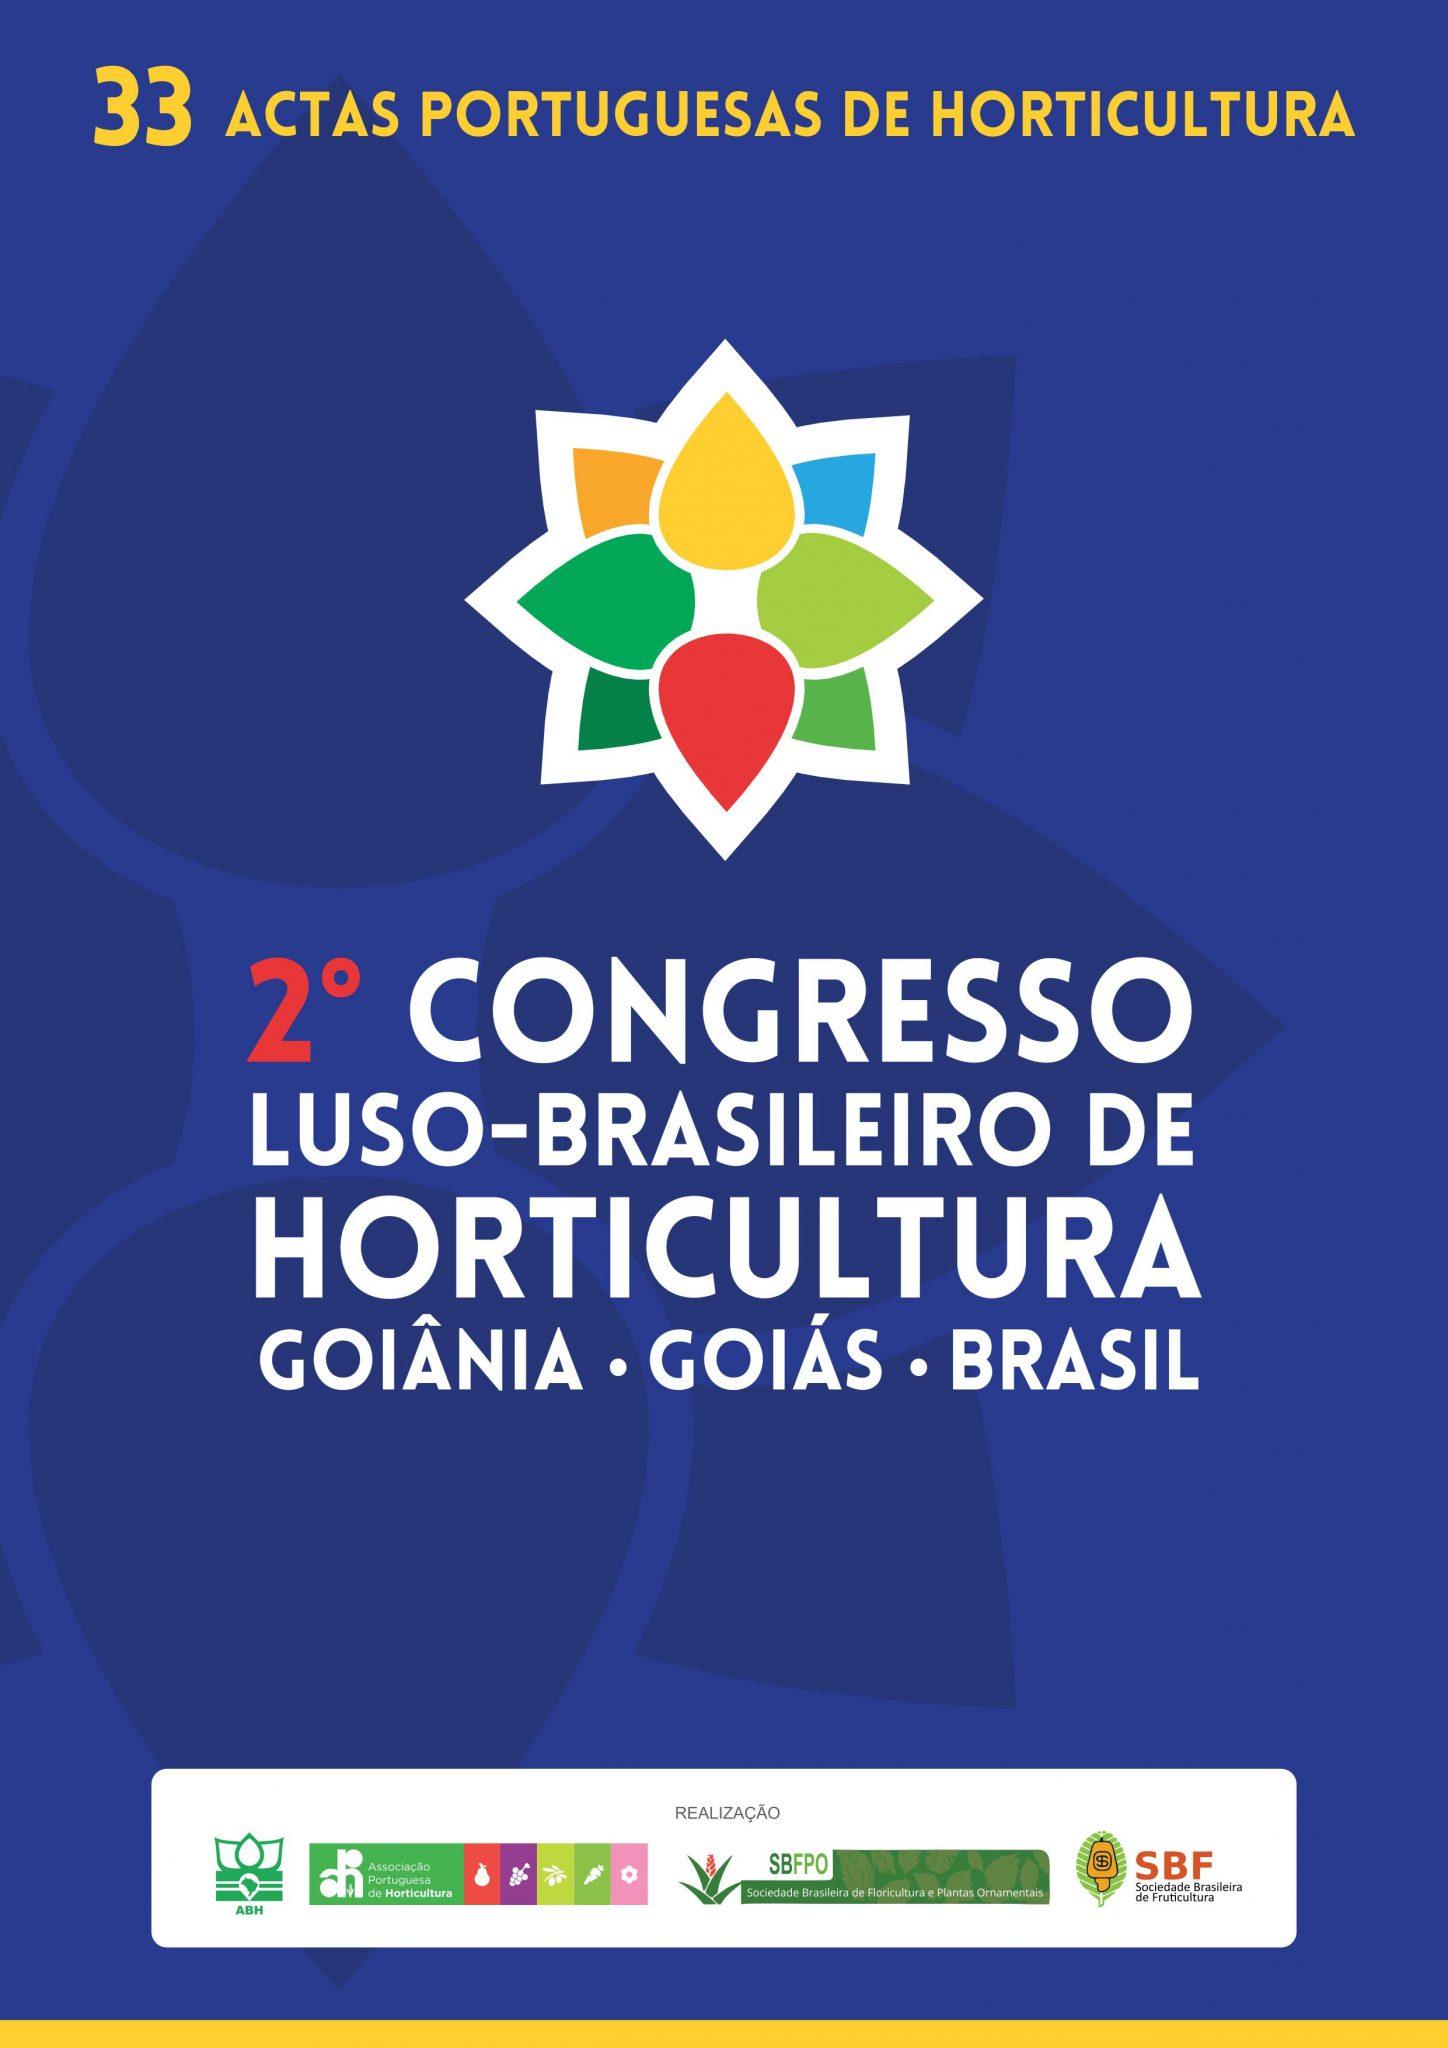 Actas Portuguesas de Horticultura Nº33